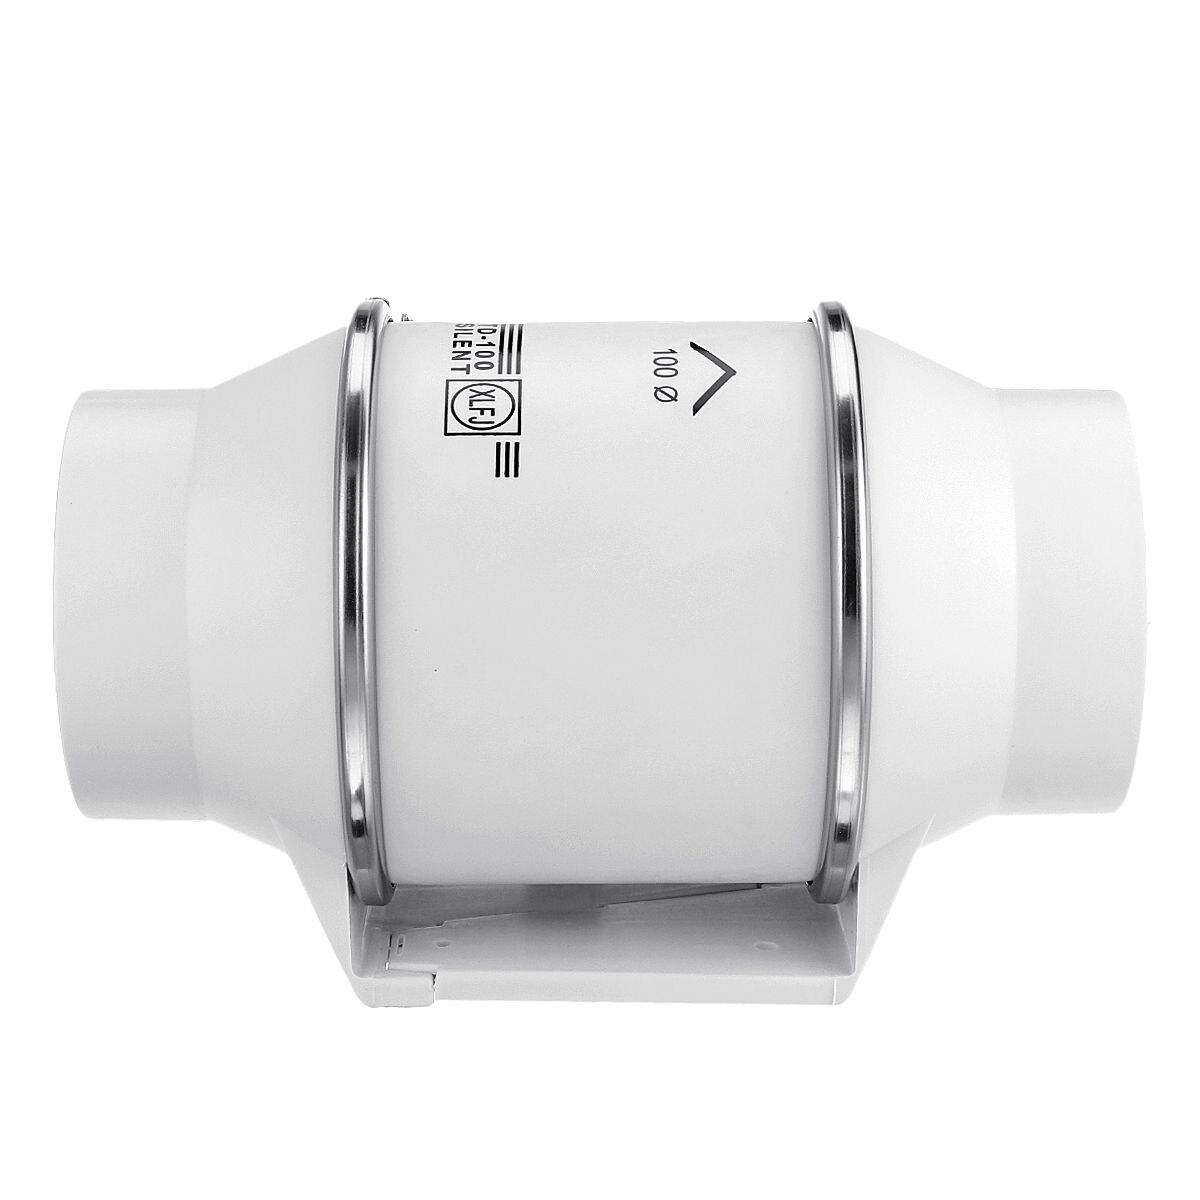 4 polegada de exaustão ventilador parede janela montável banheiro cozinha casa silencioso inline tubo duto ventilador ventilar a limpeza do ar 220v